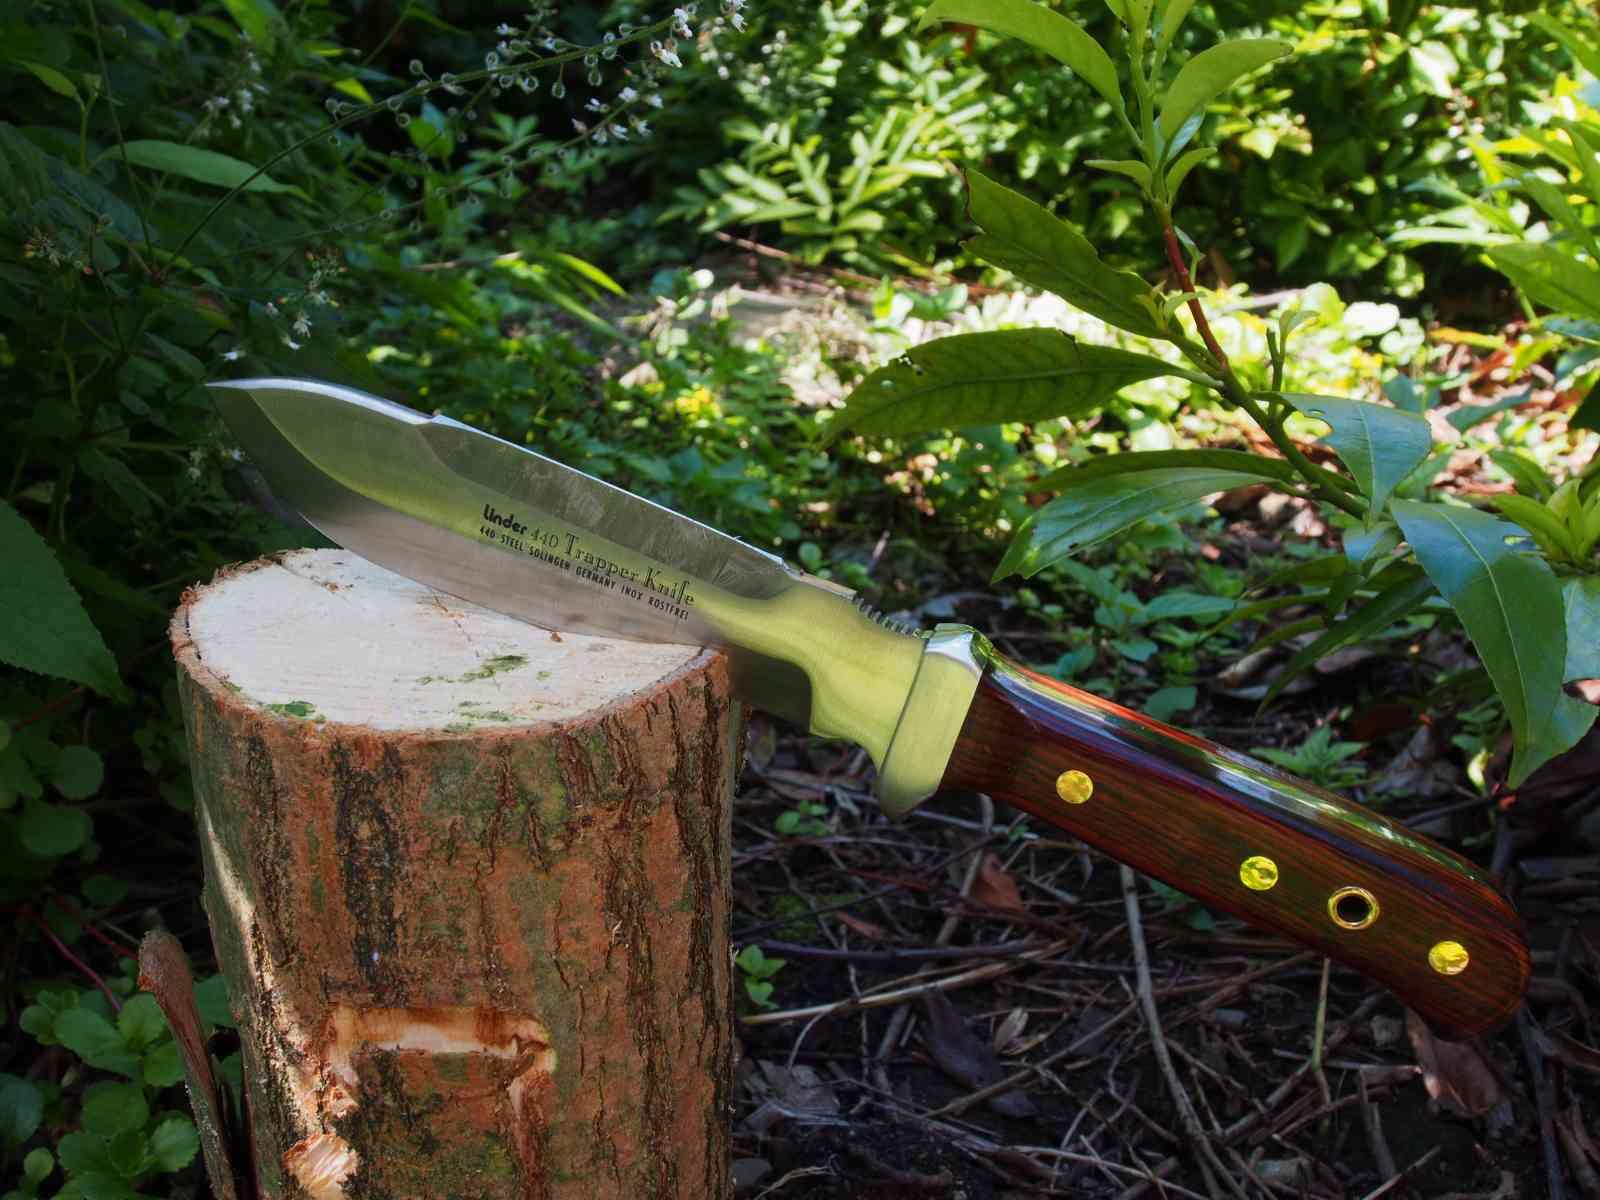 Linder Trapper Messer für harte Holzarbeit